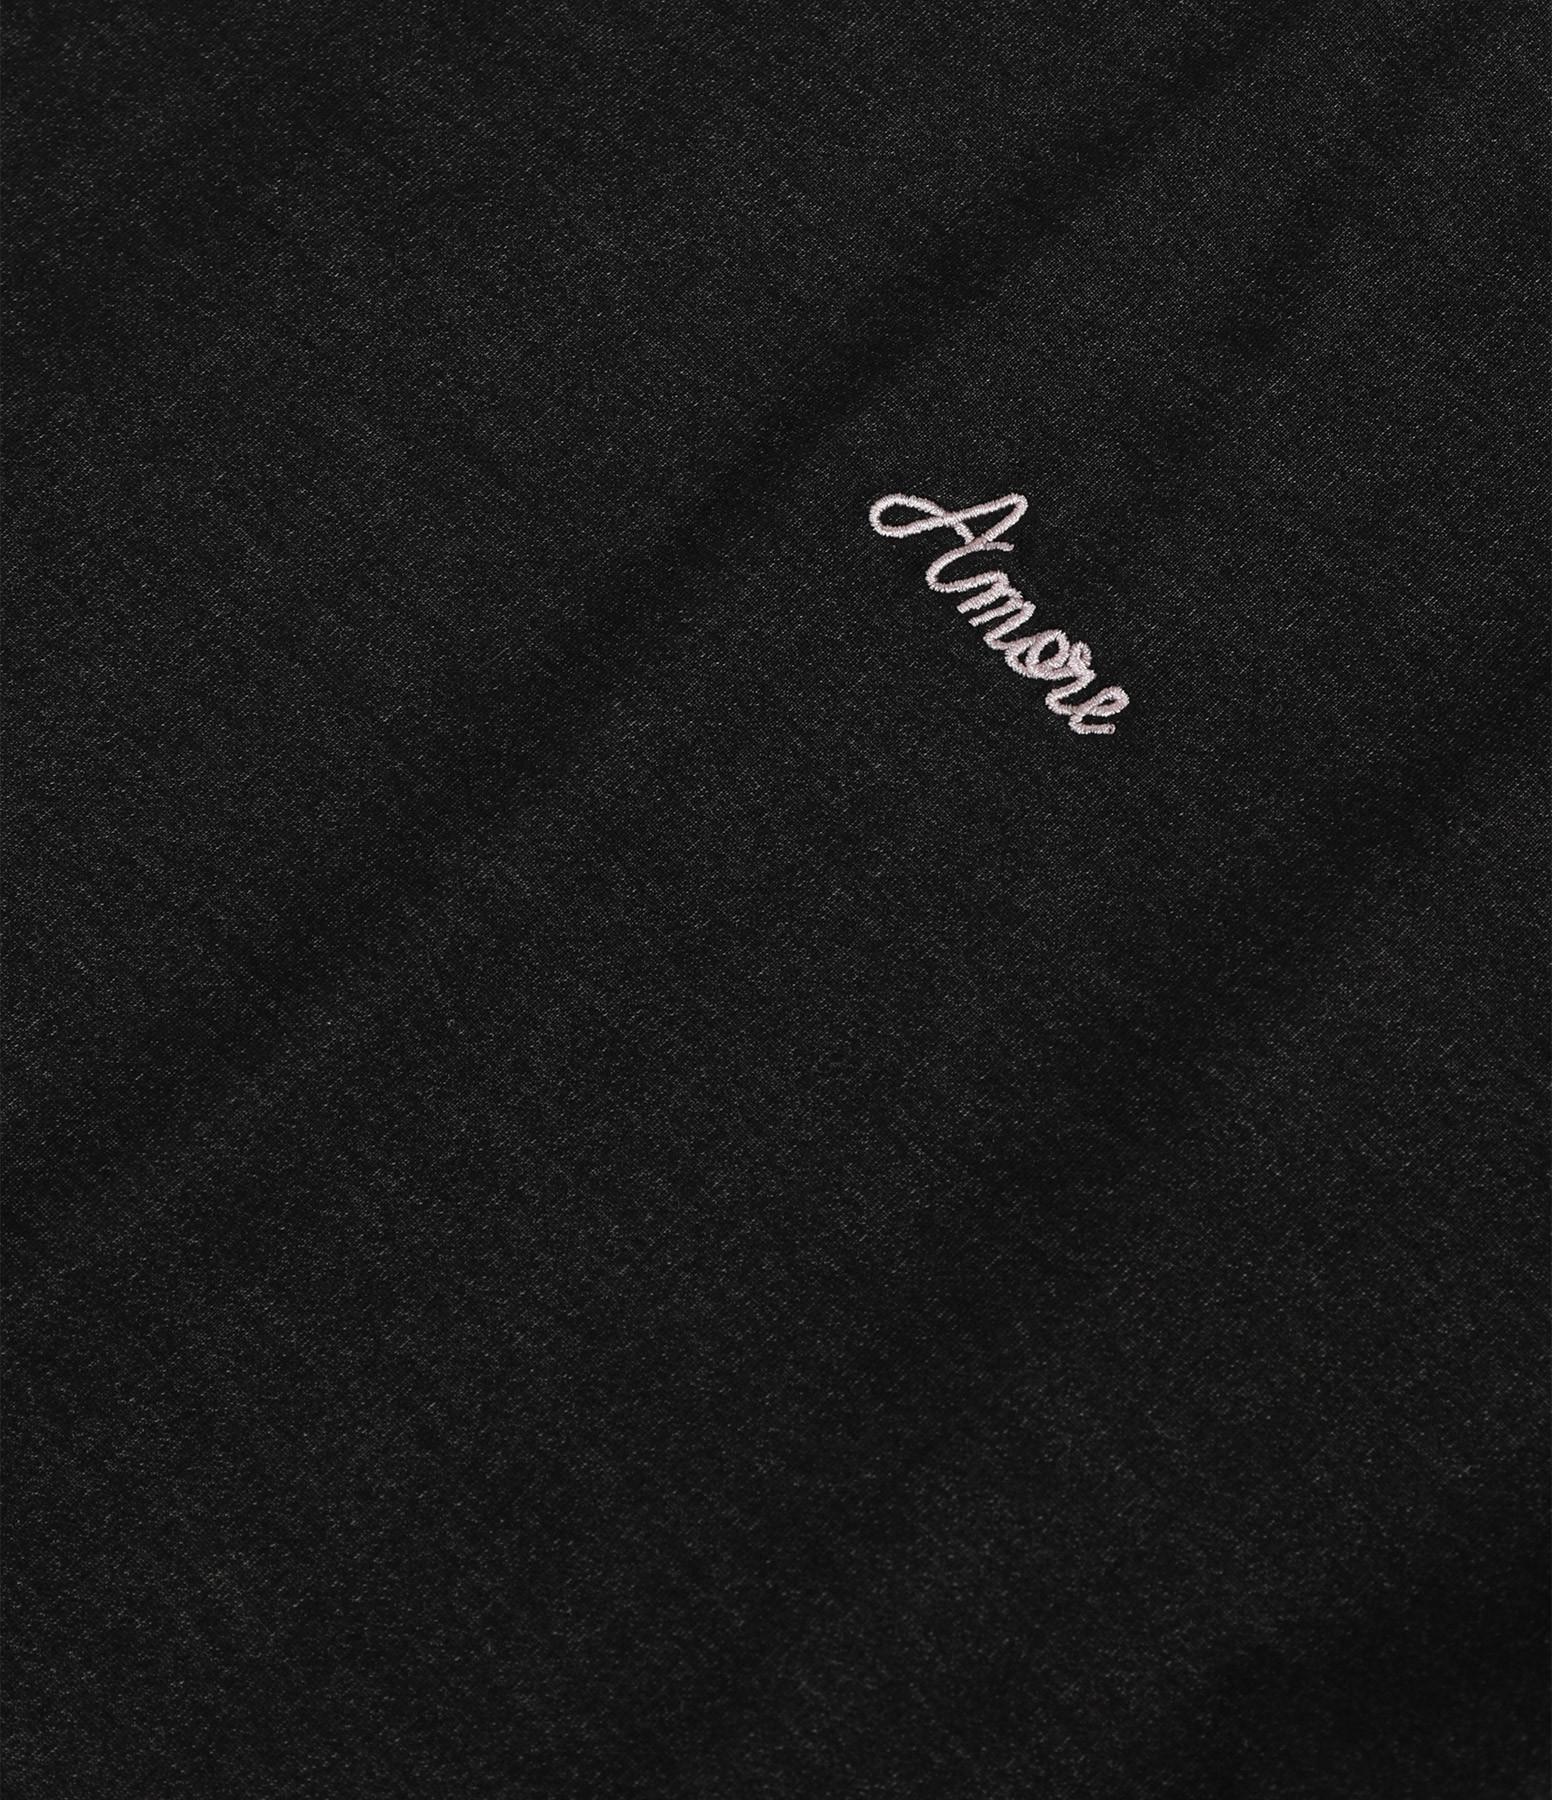 MAISON LABICHE - Tee-shirt Amore Coton Noir